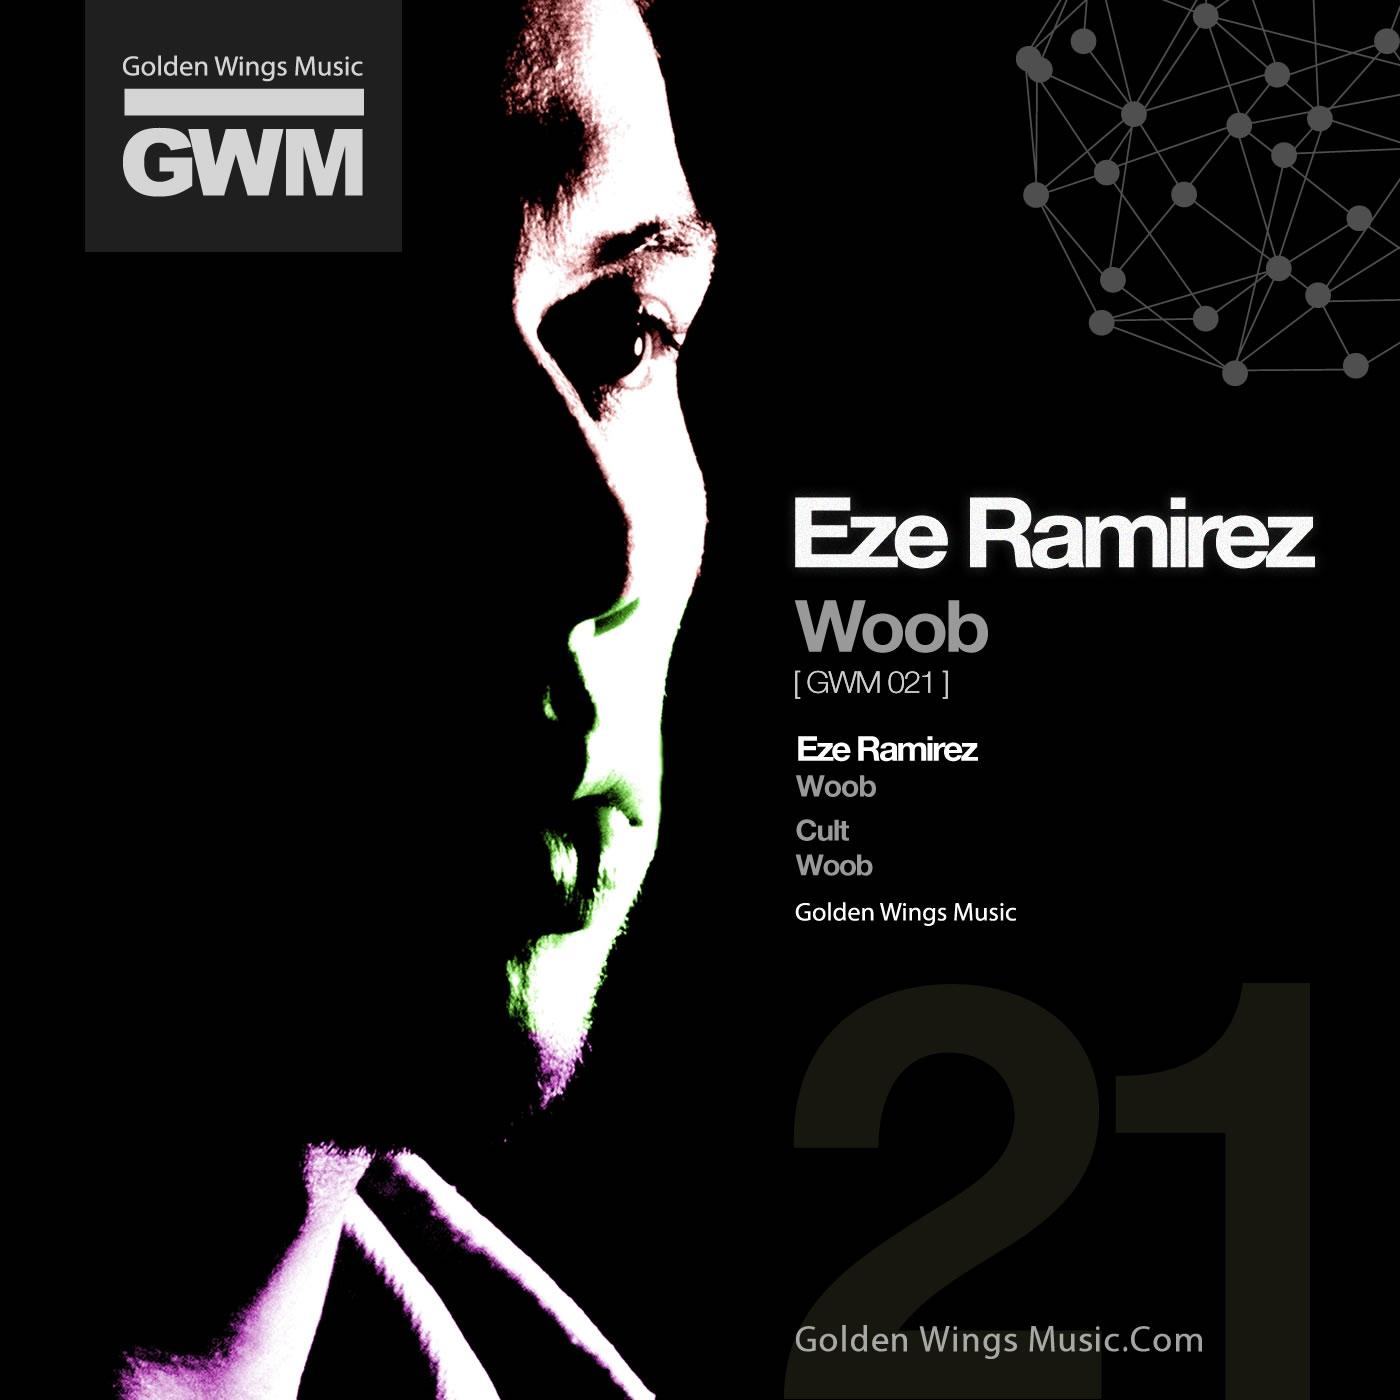 Eze Ramirez - Woob